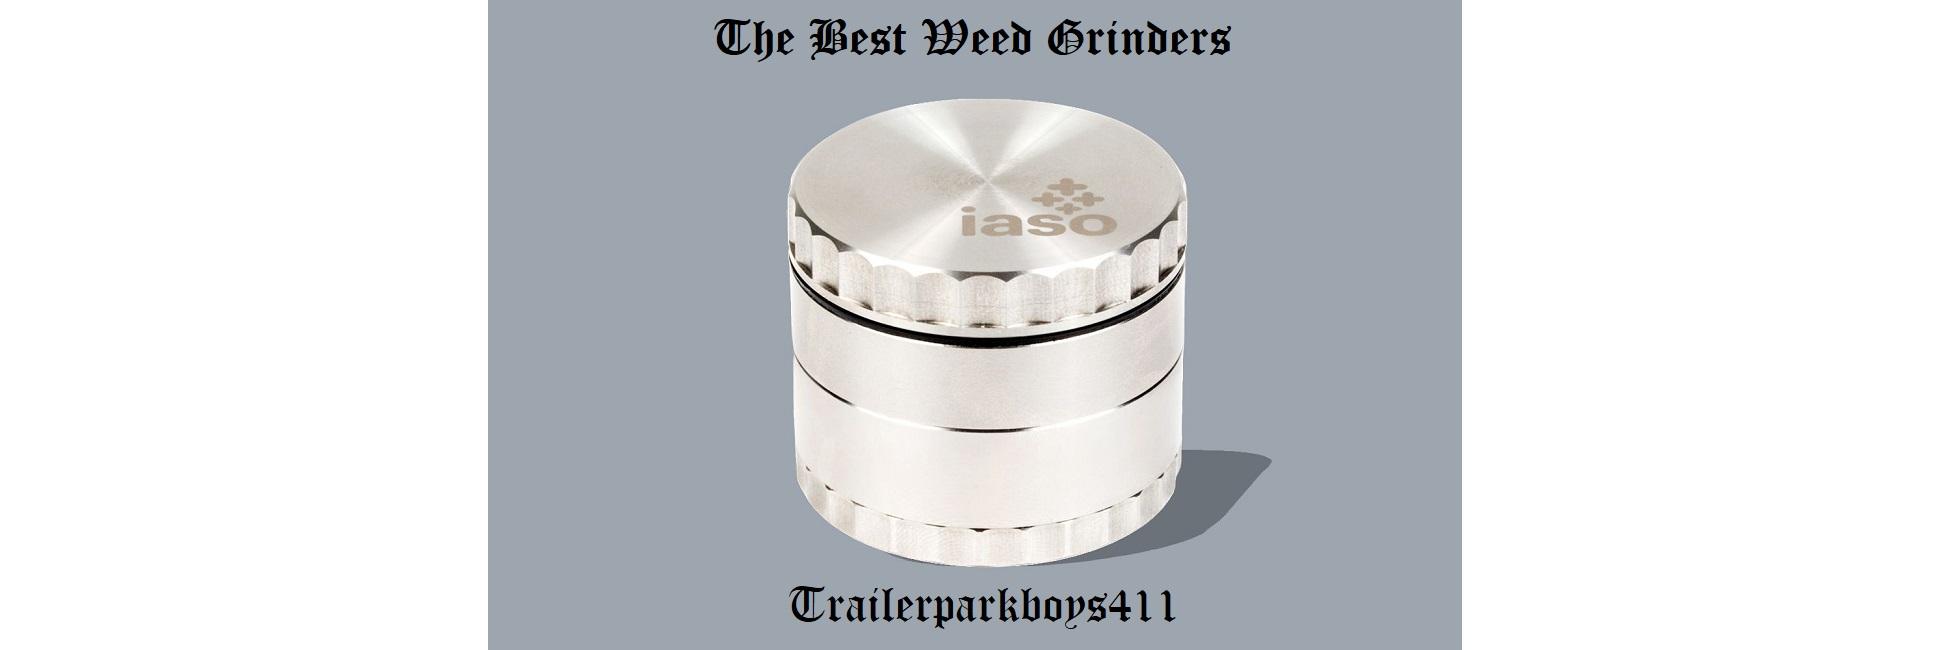 The Best Weed Grinders